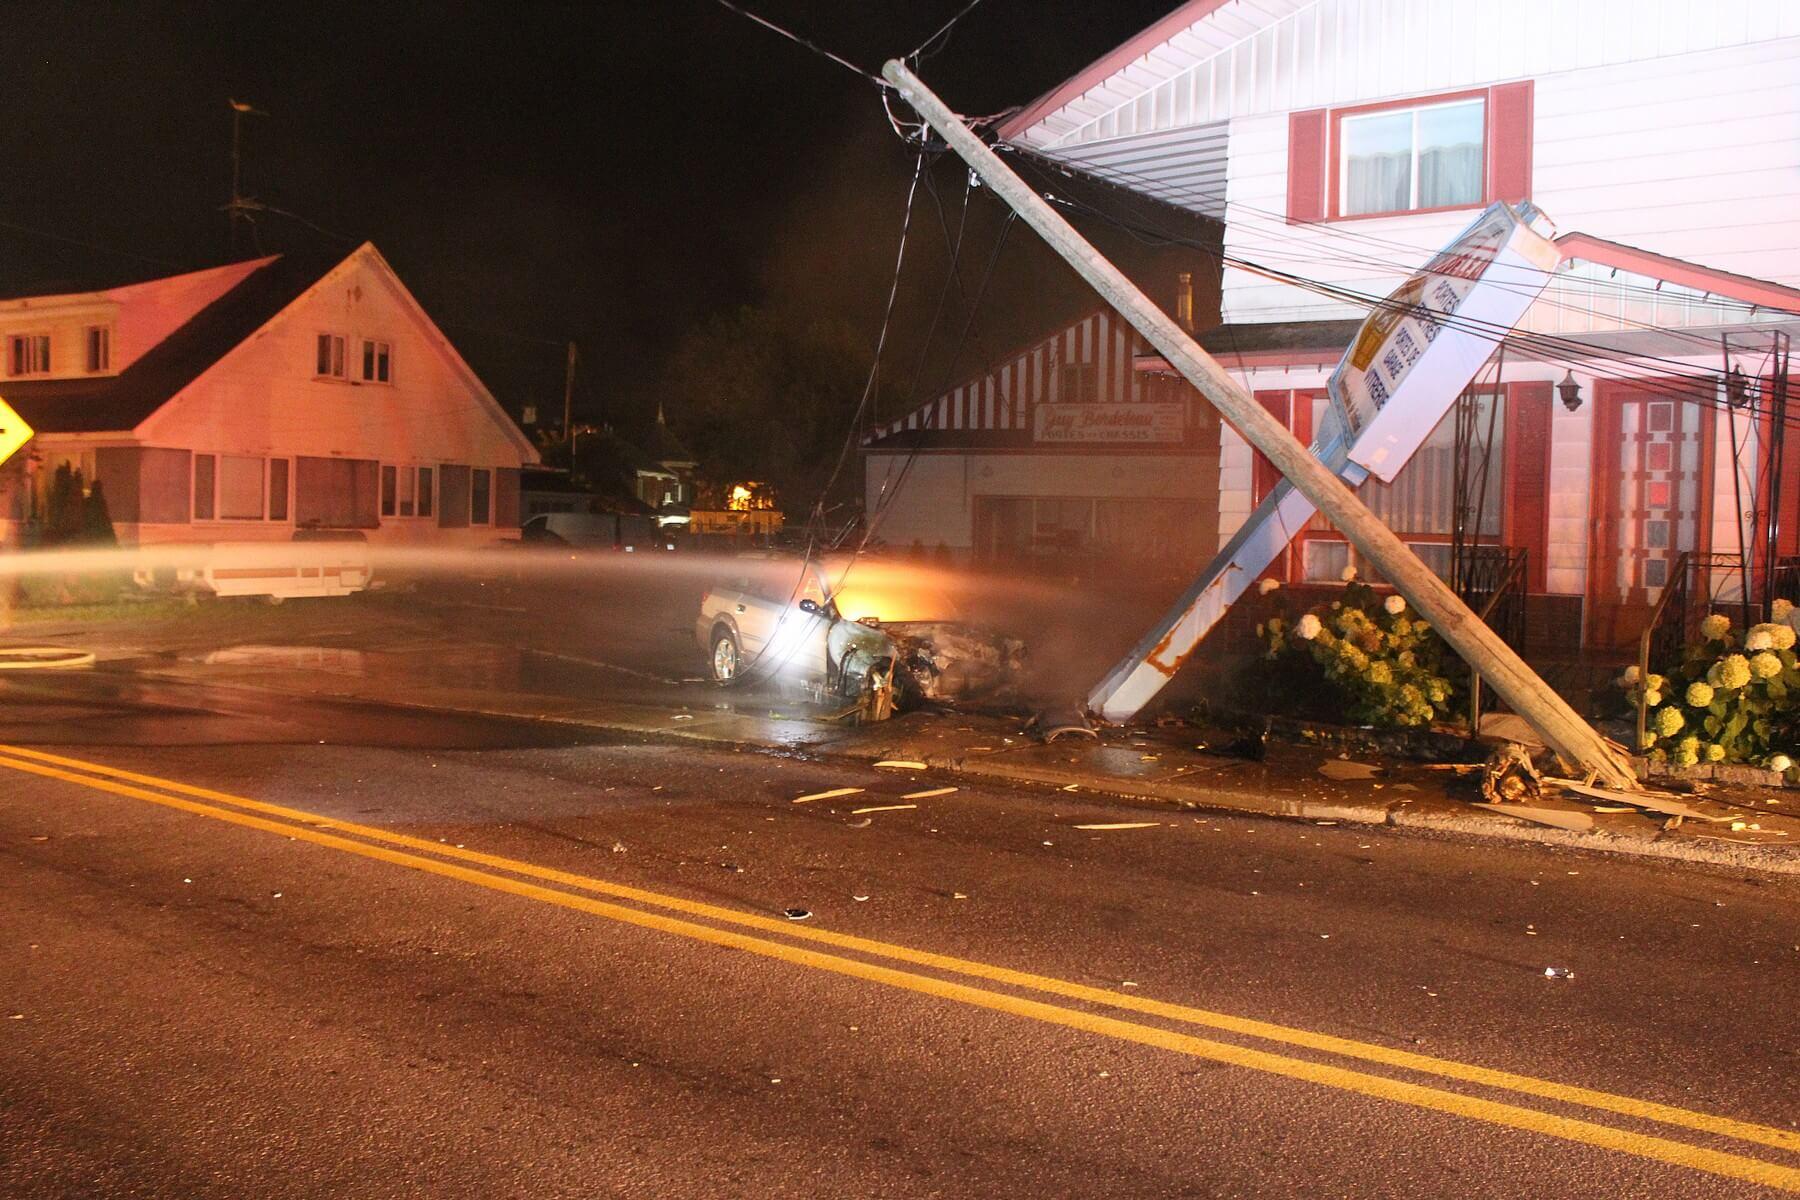 Une voiture prend feu après avoir percuté un poteau d'électricité